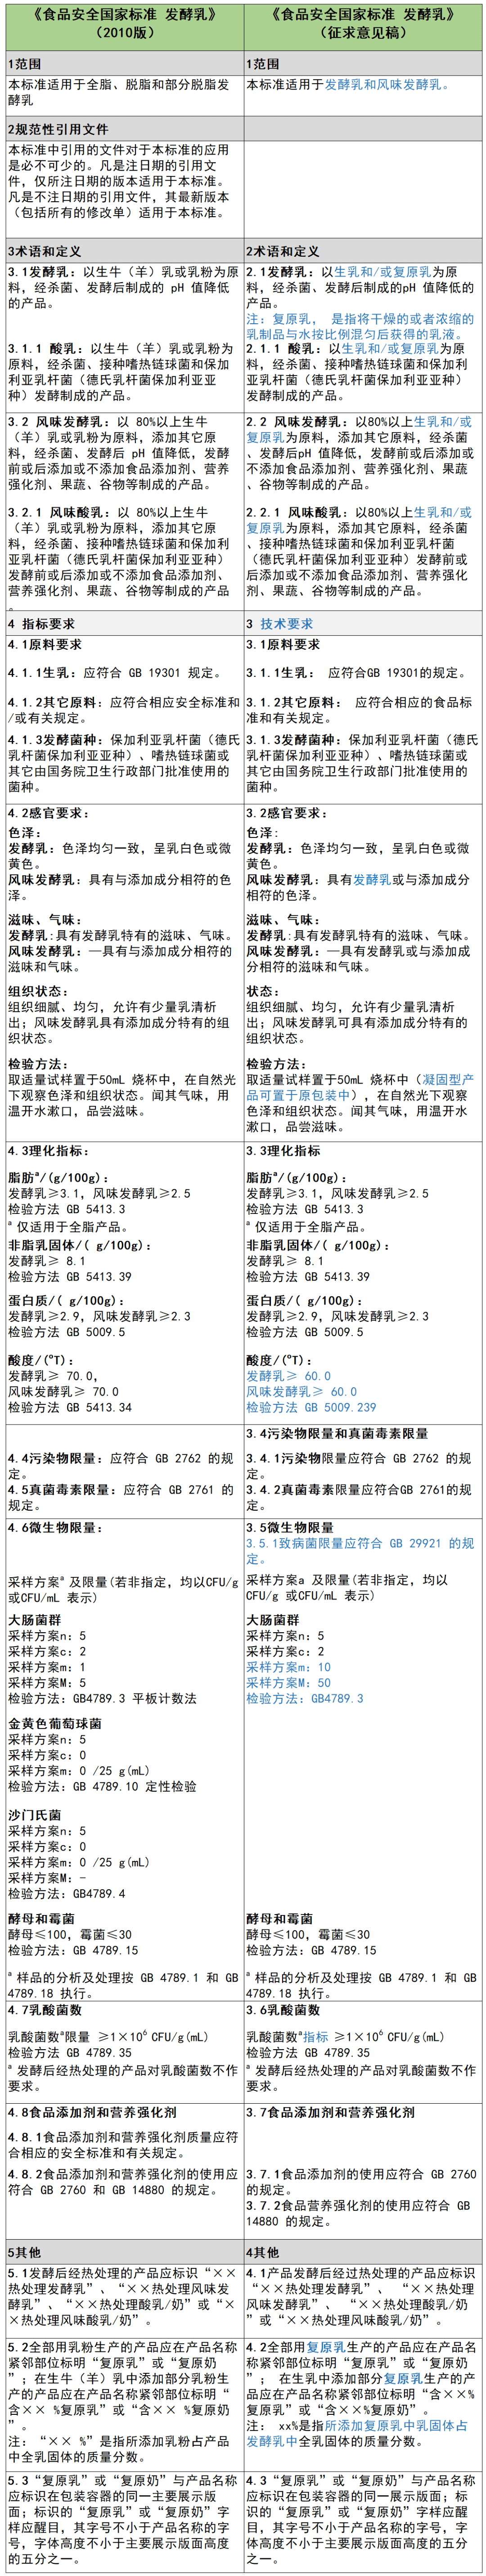 """""""亚博买球"""" 发酵乳、调制乳 国家尺度将有哪些变化?(图1)"""